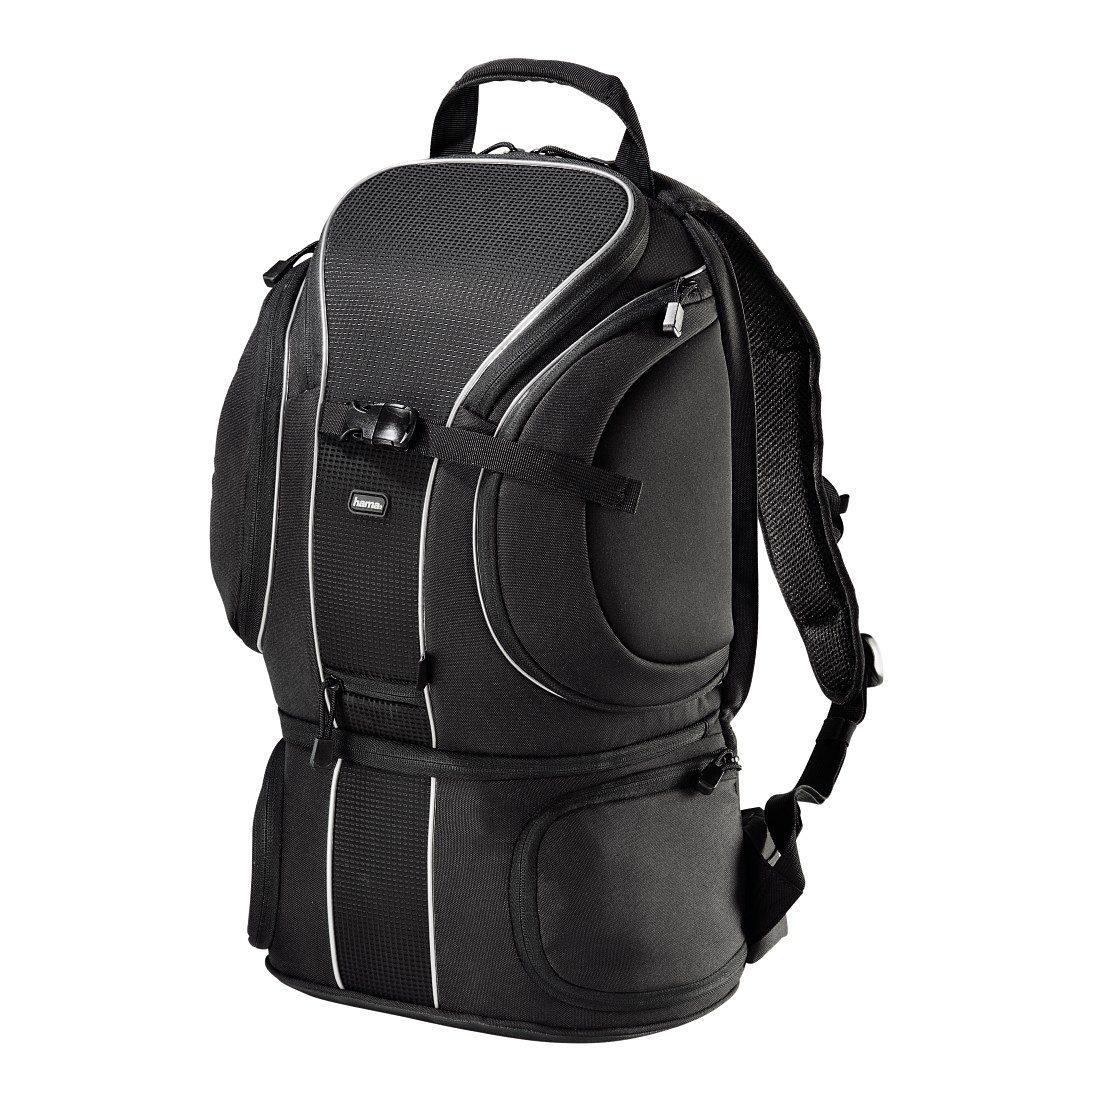 Hama Kamerarucksack für 2 Spiegelreflex Kameras, Zubehör, Tablet »Kameratasche Foto Rucksack«